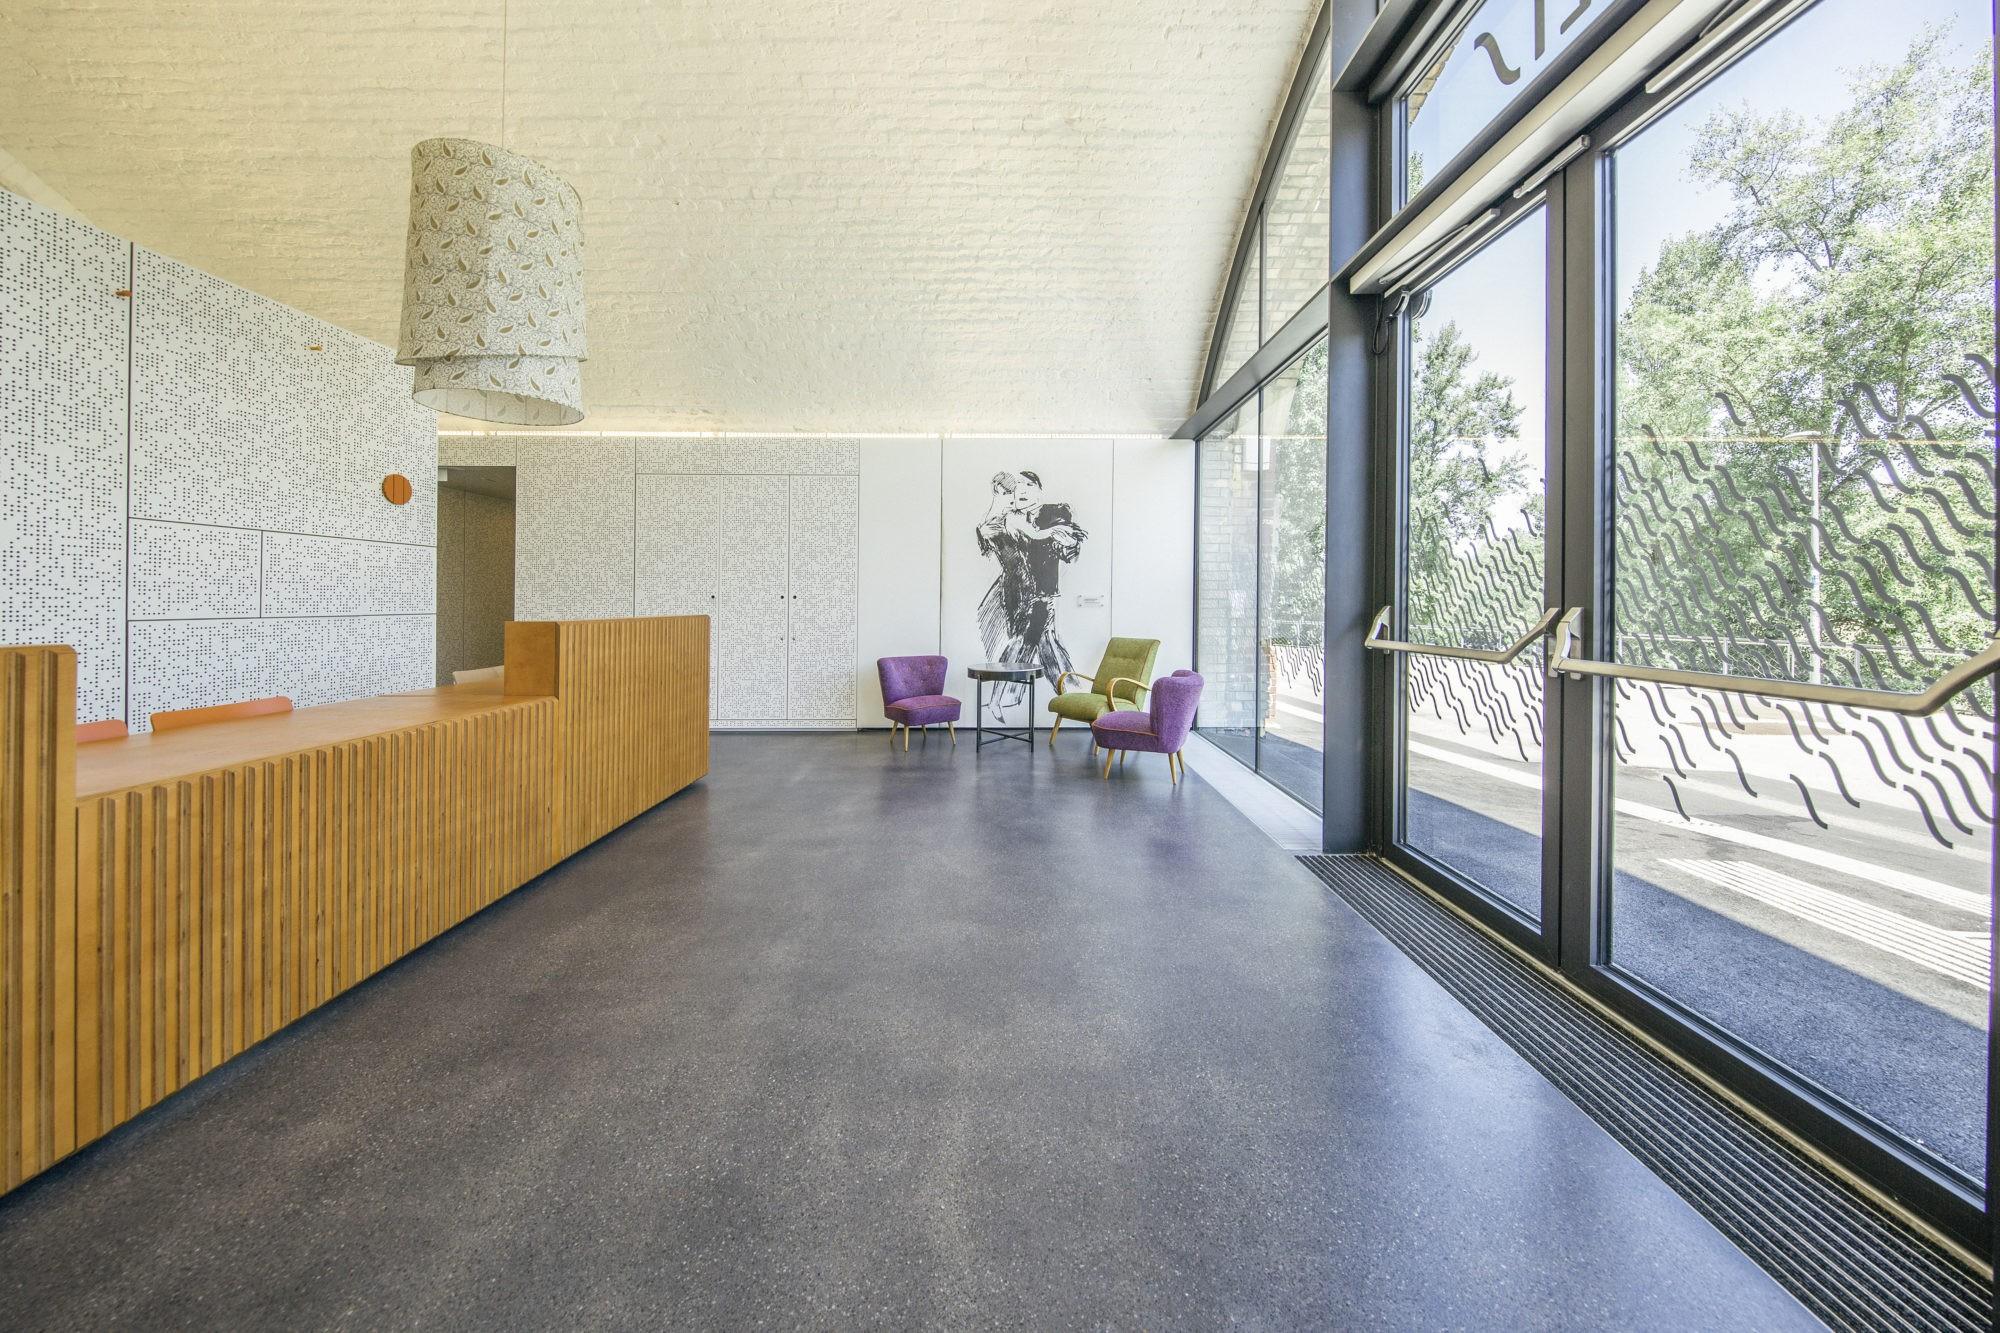 Eingangsbereich mit Empfang und Loungemöbel